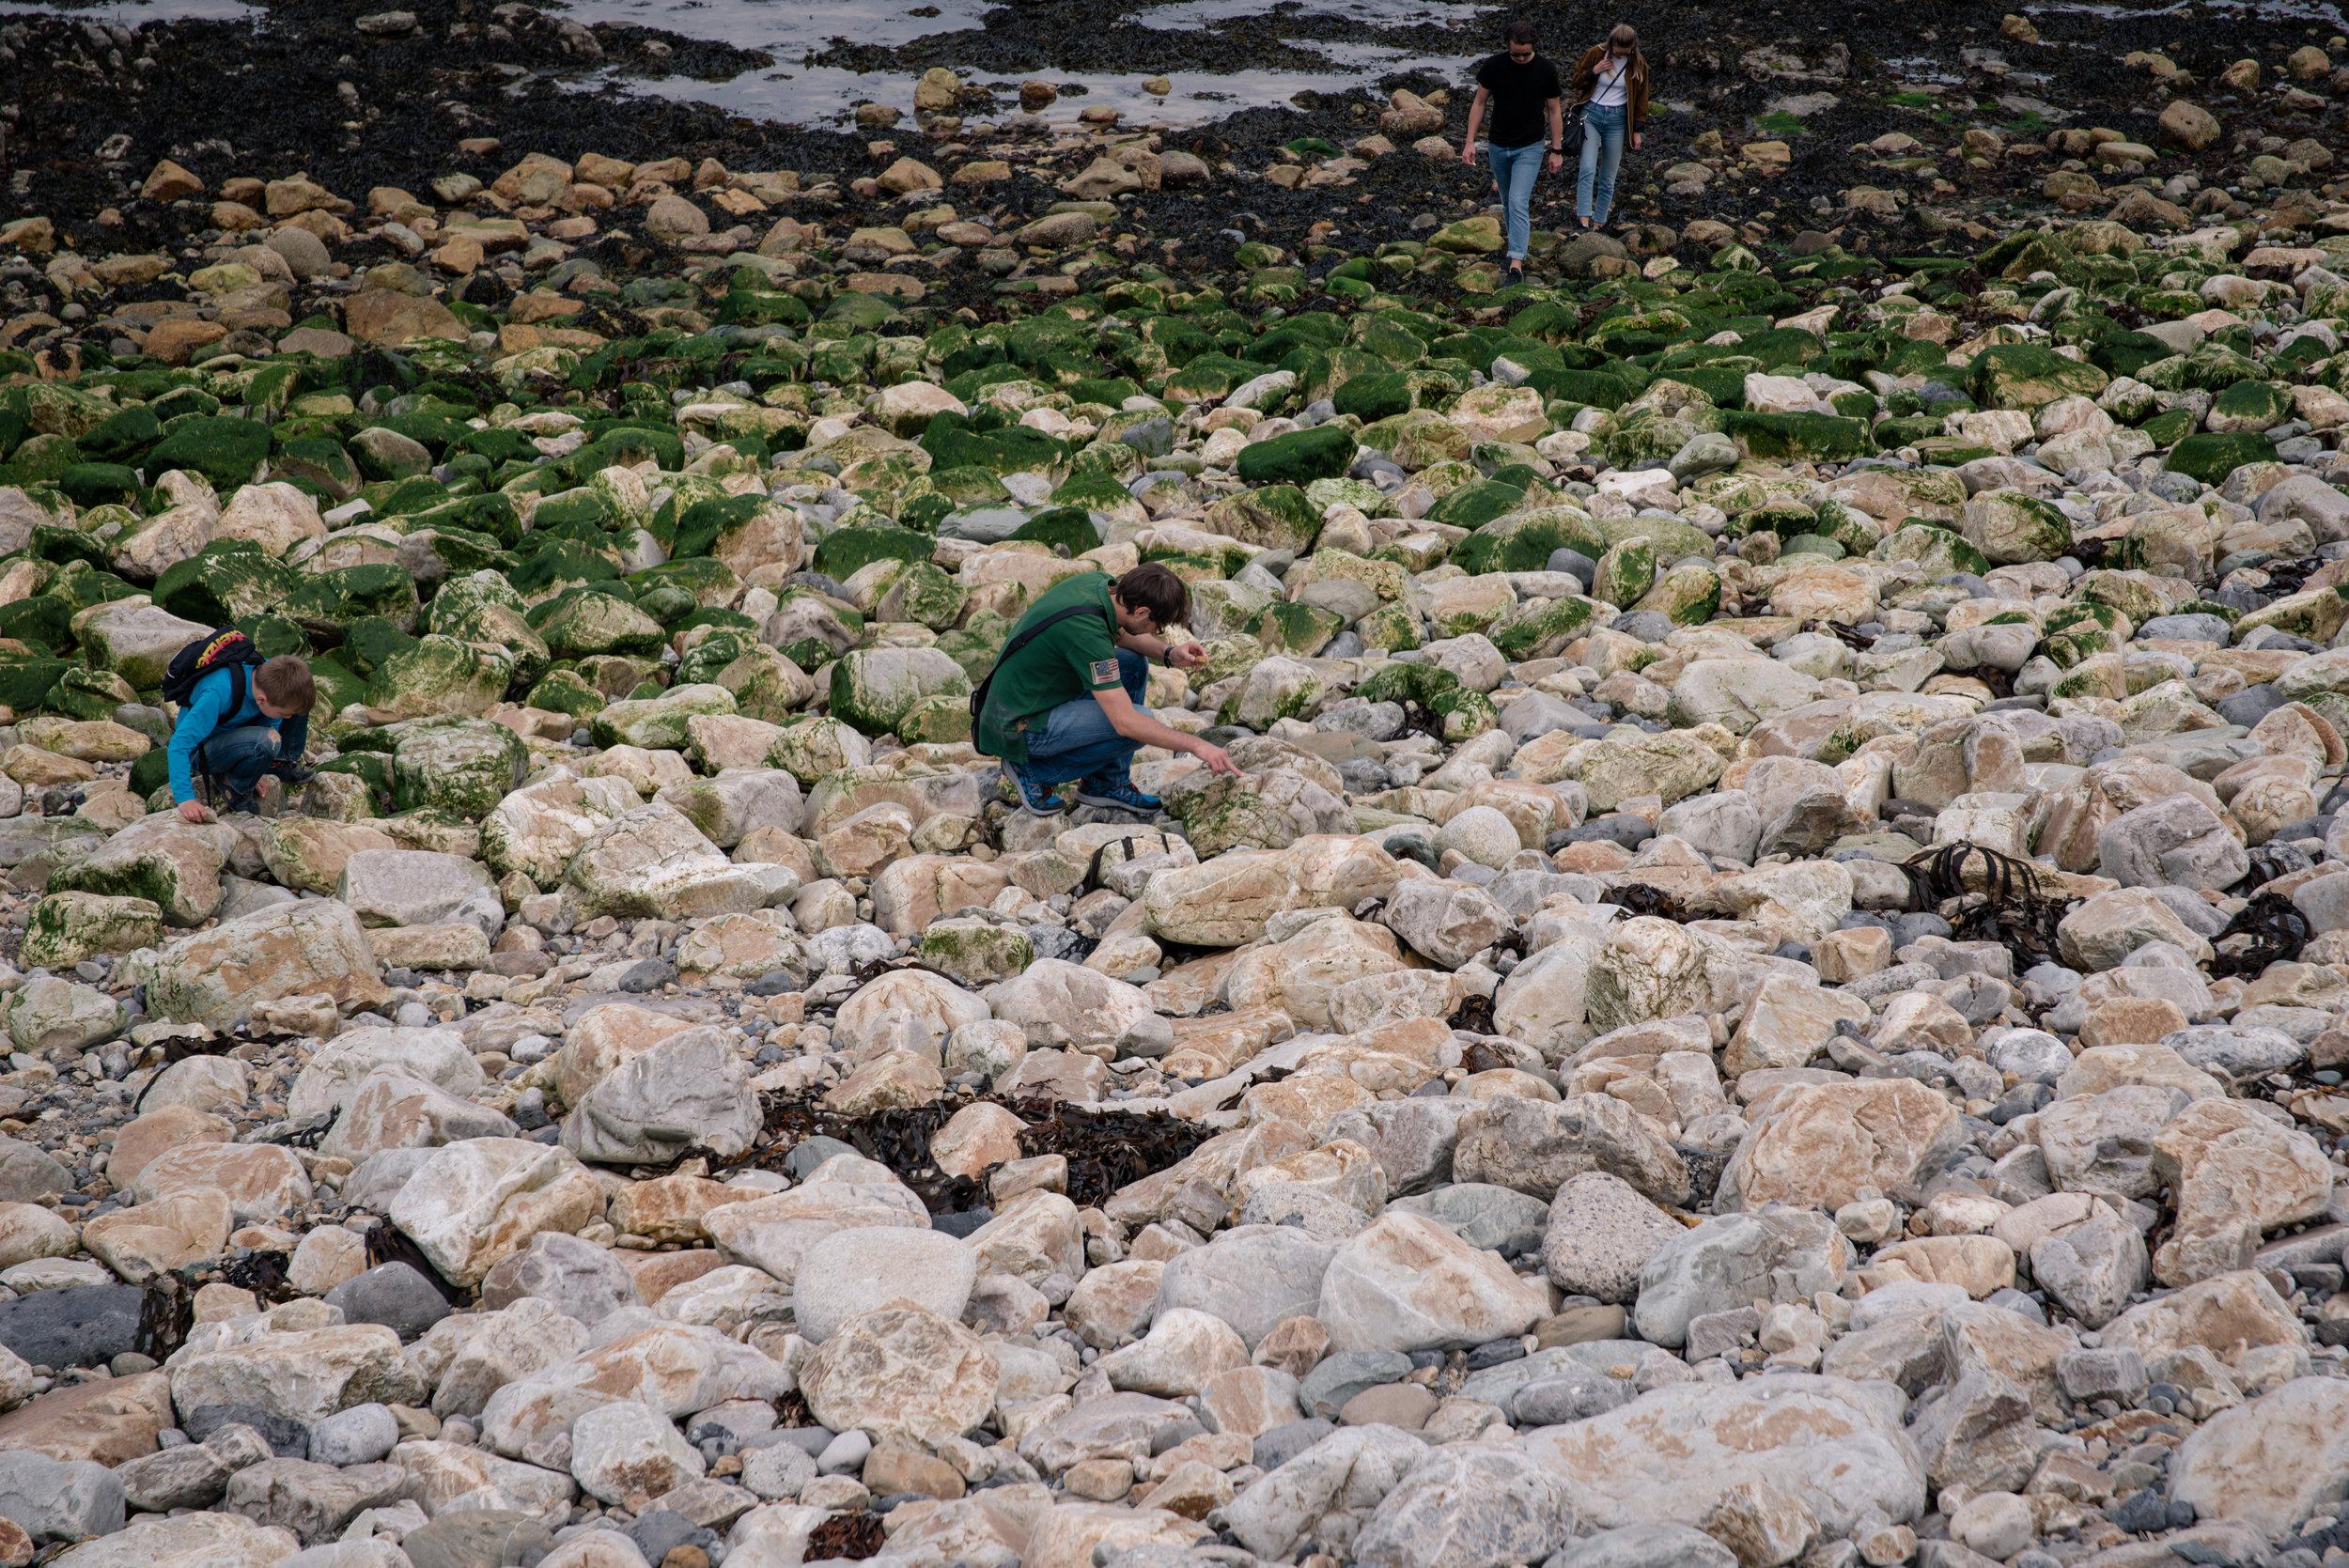 A few people were walking among the rocks here.